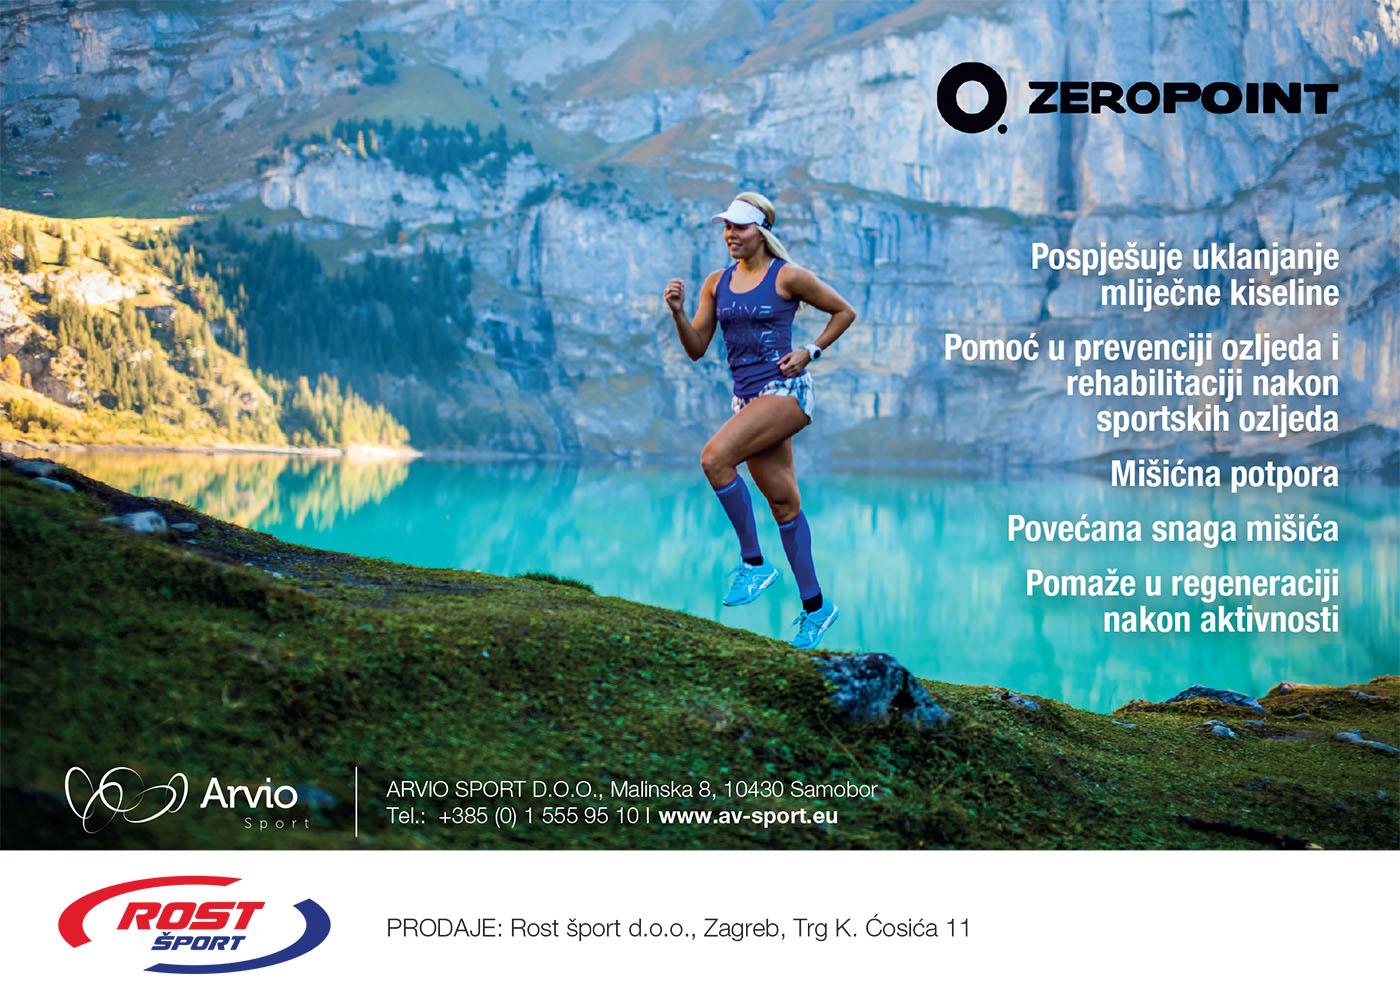 Zeropoint 180 x 128 2016 hrvatski